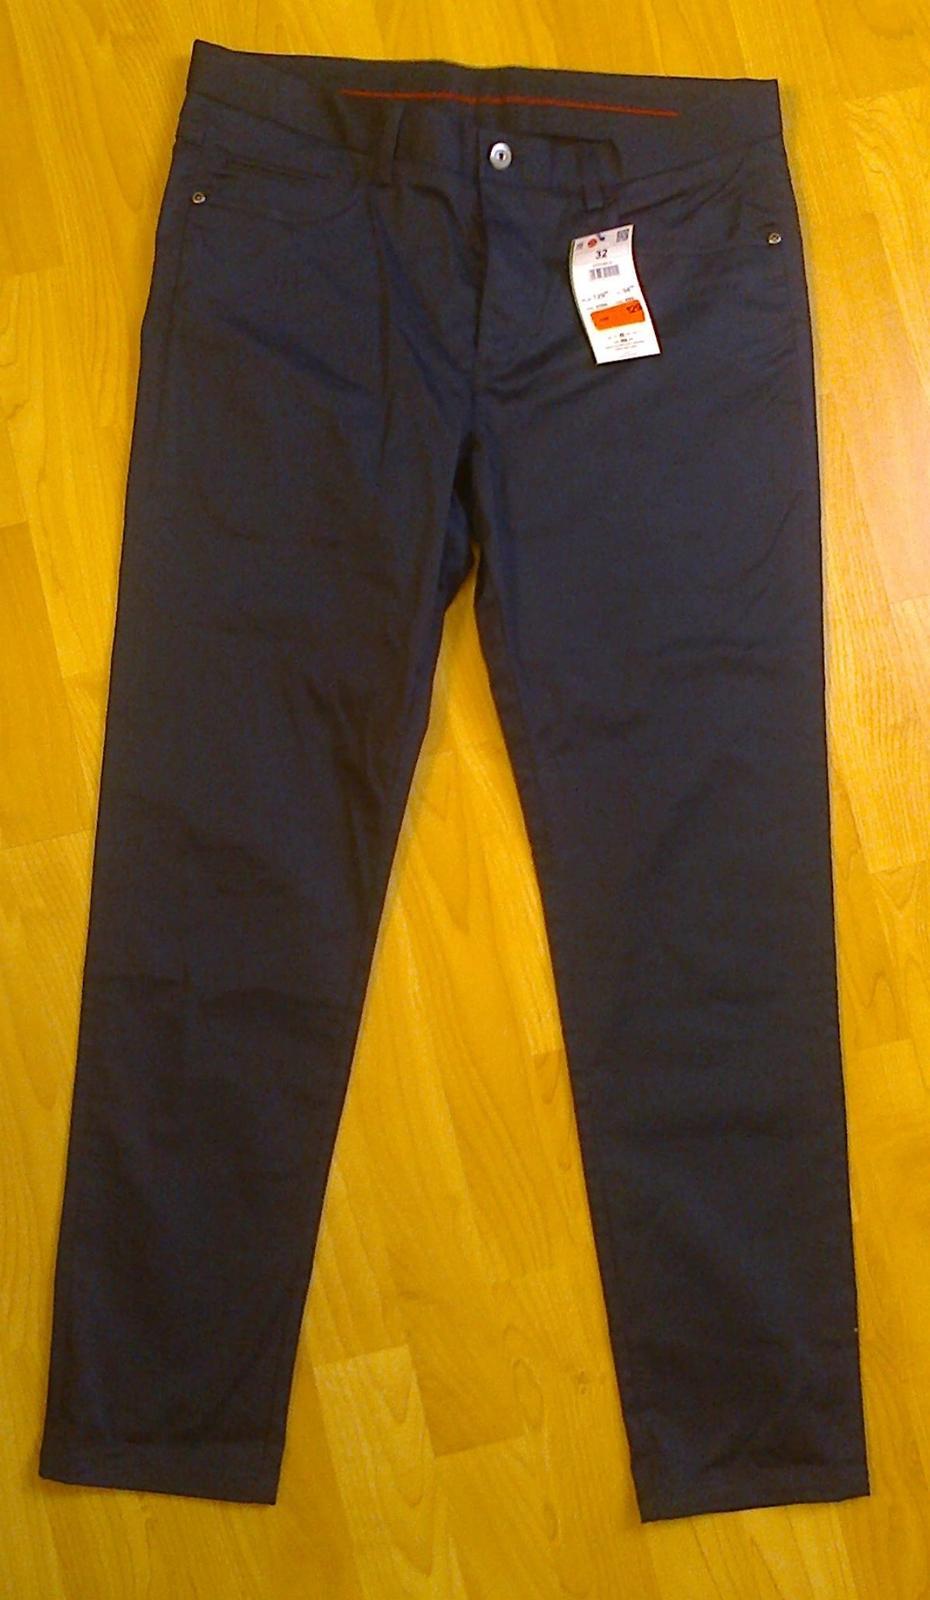 Pánské super flim kalhoty  - Obrázek č. 1